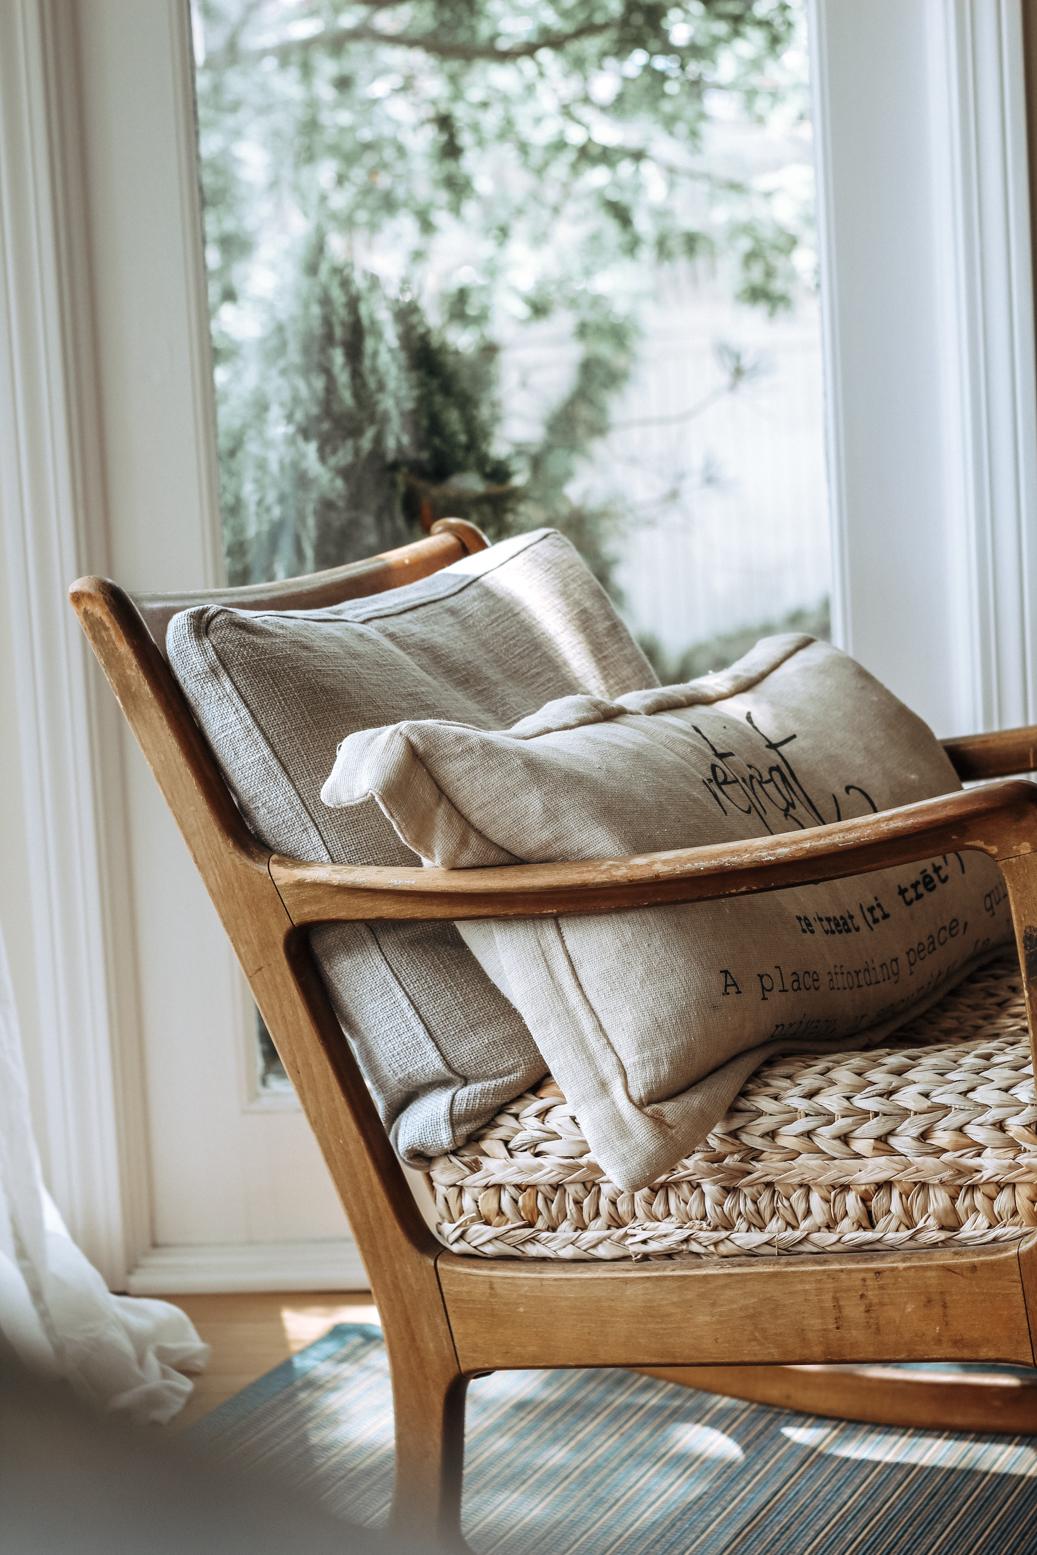 Best Wareham MA Airbnb